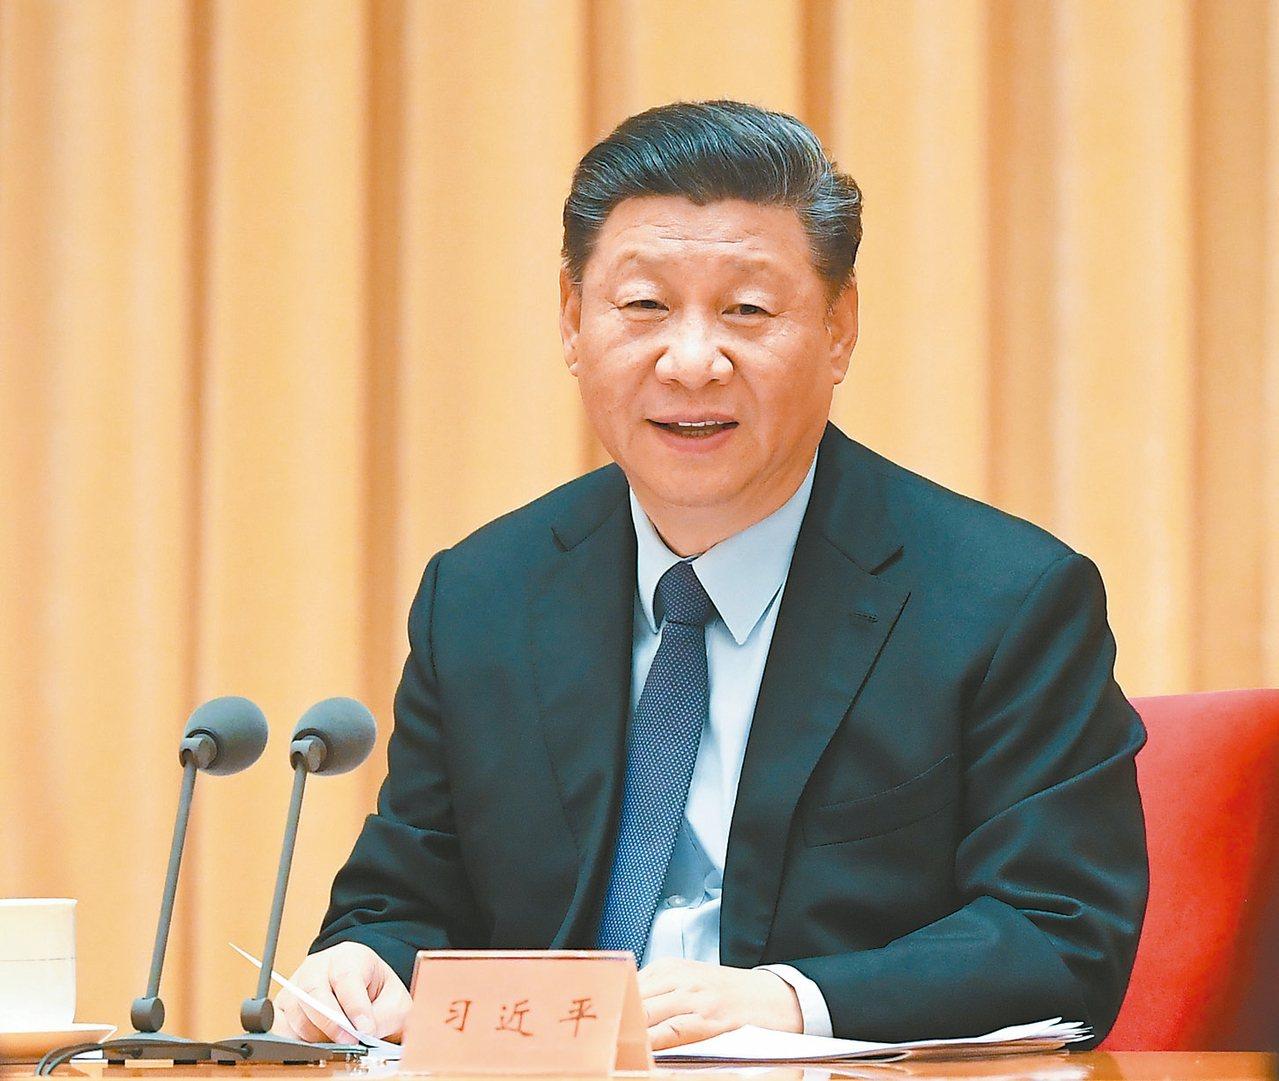 中共總書記習近平在「中央經濟工作會議」上分析當前大陸經濟形勢,部署明年經濟工作。...